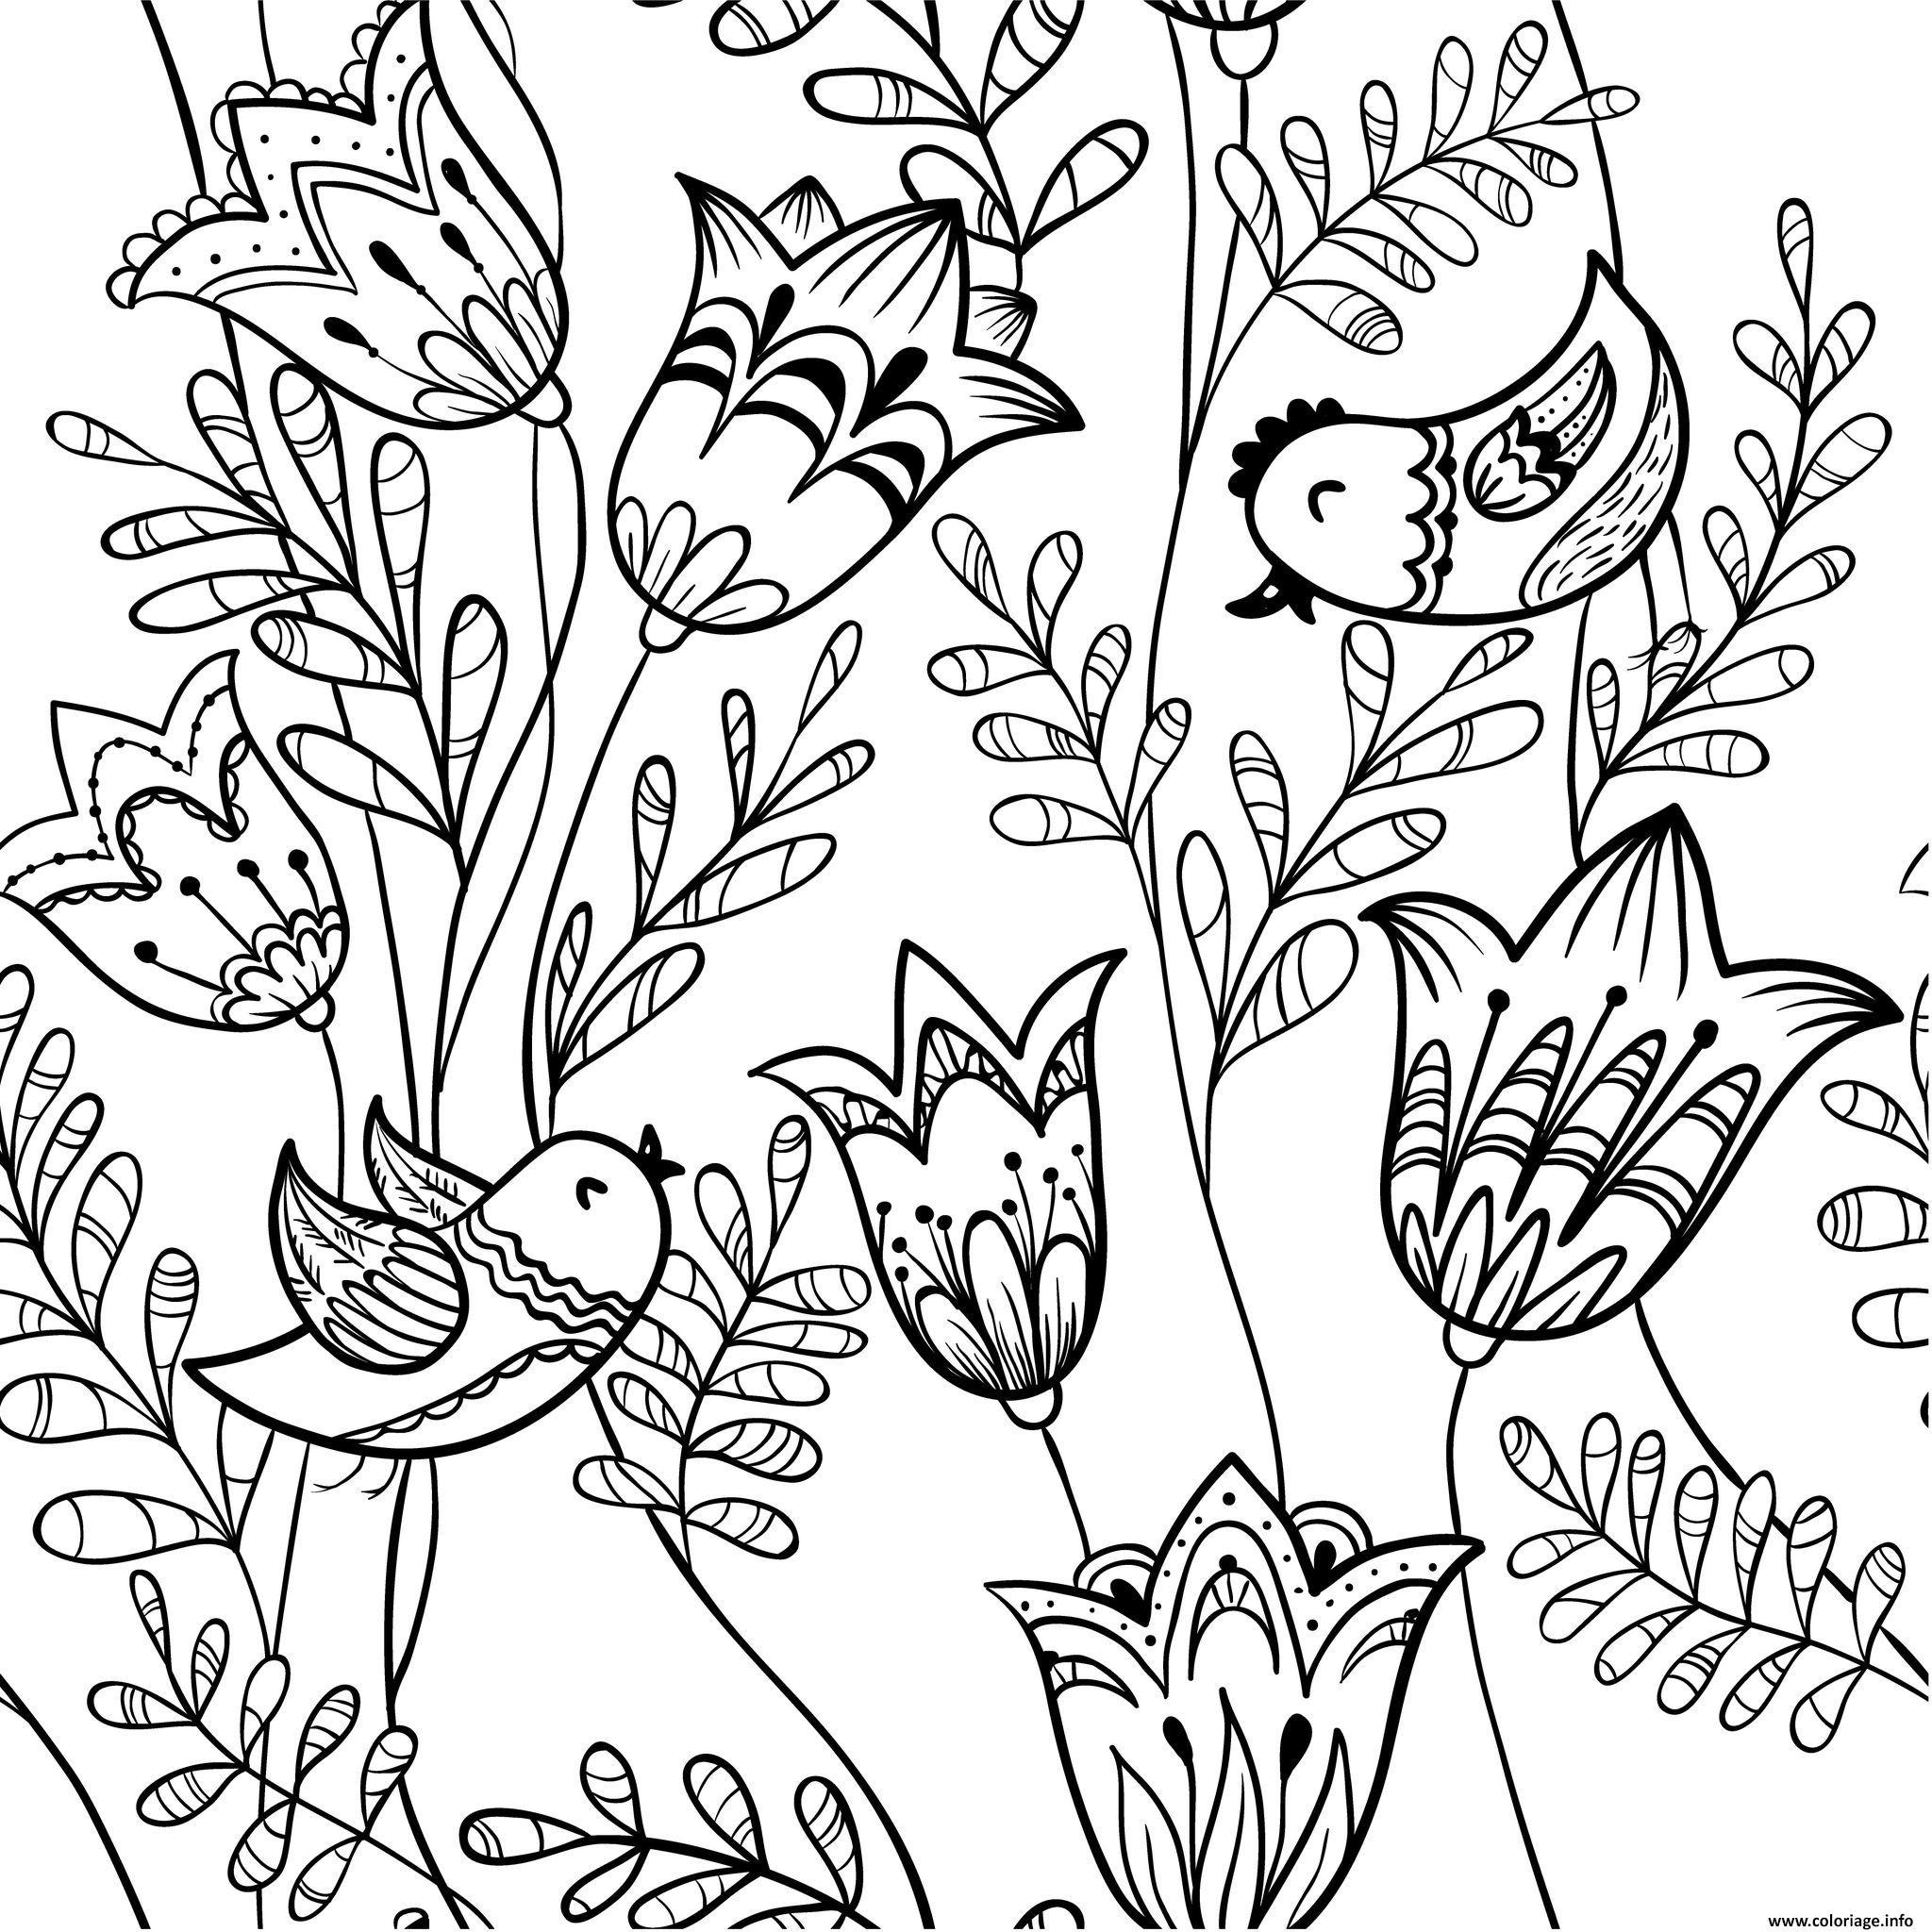 Coloriage Nature Fleurs Oiseaux Adulte Jecolorie Com